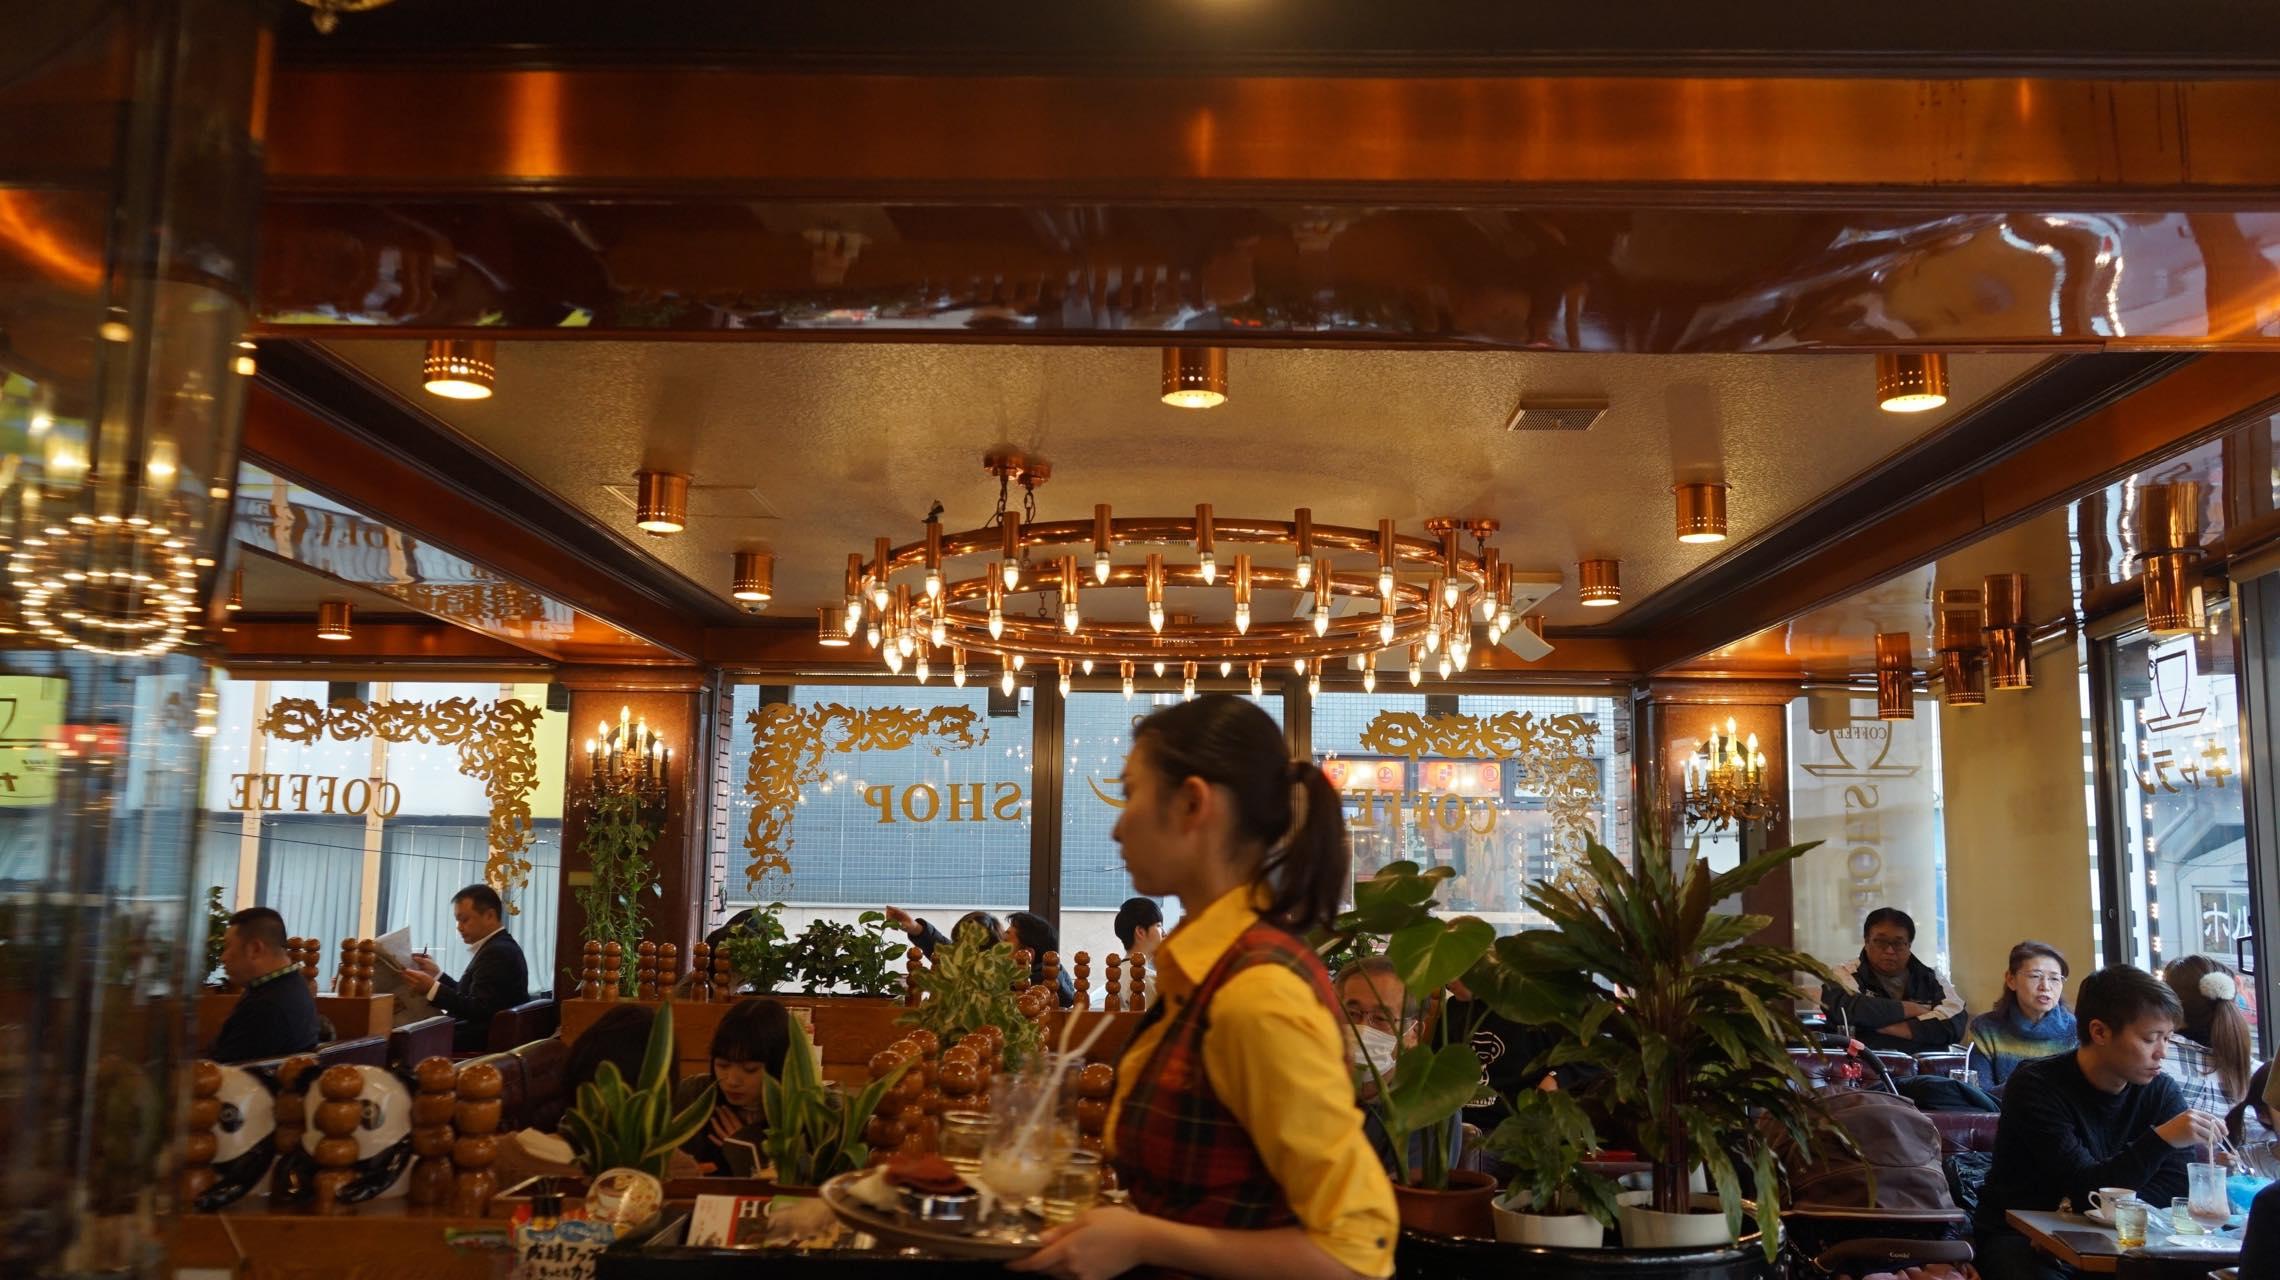 昭和にタイムスリップ。レトロな空気感が残る、東京を代表する純喫茶